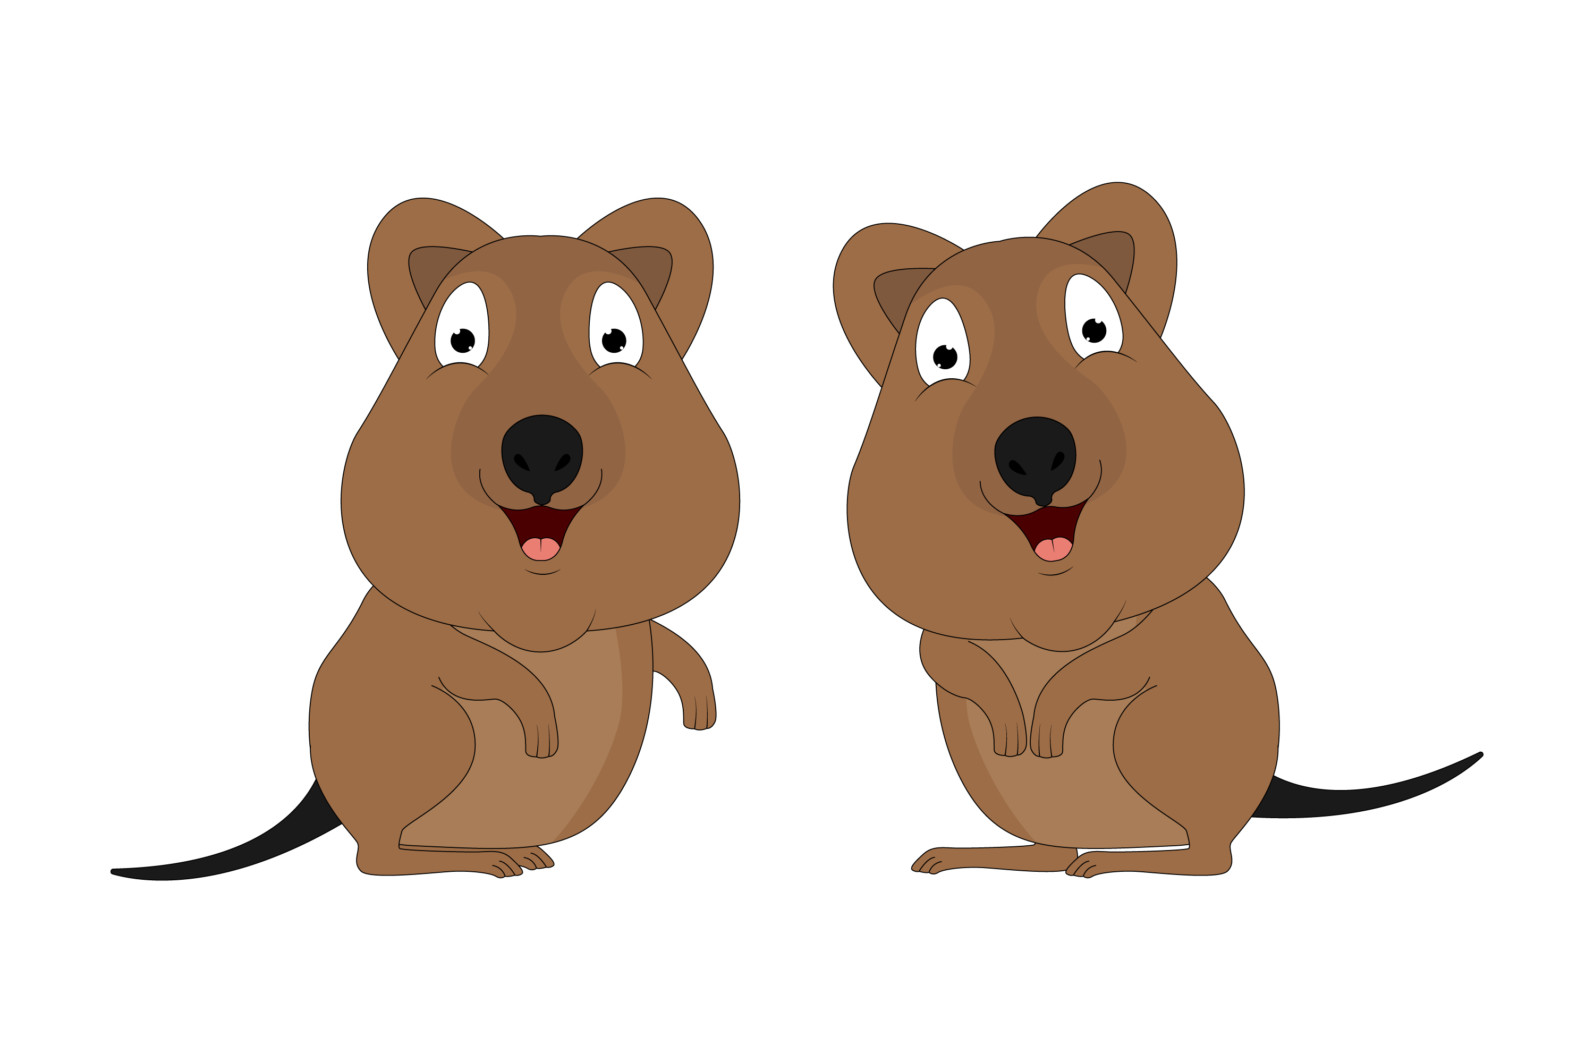 cute quokka animal cartoon illustration - quokka scaled -